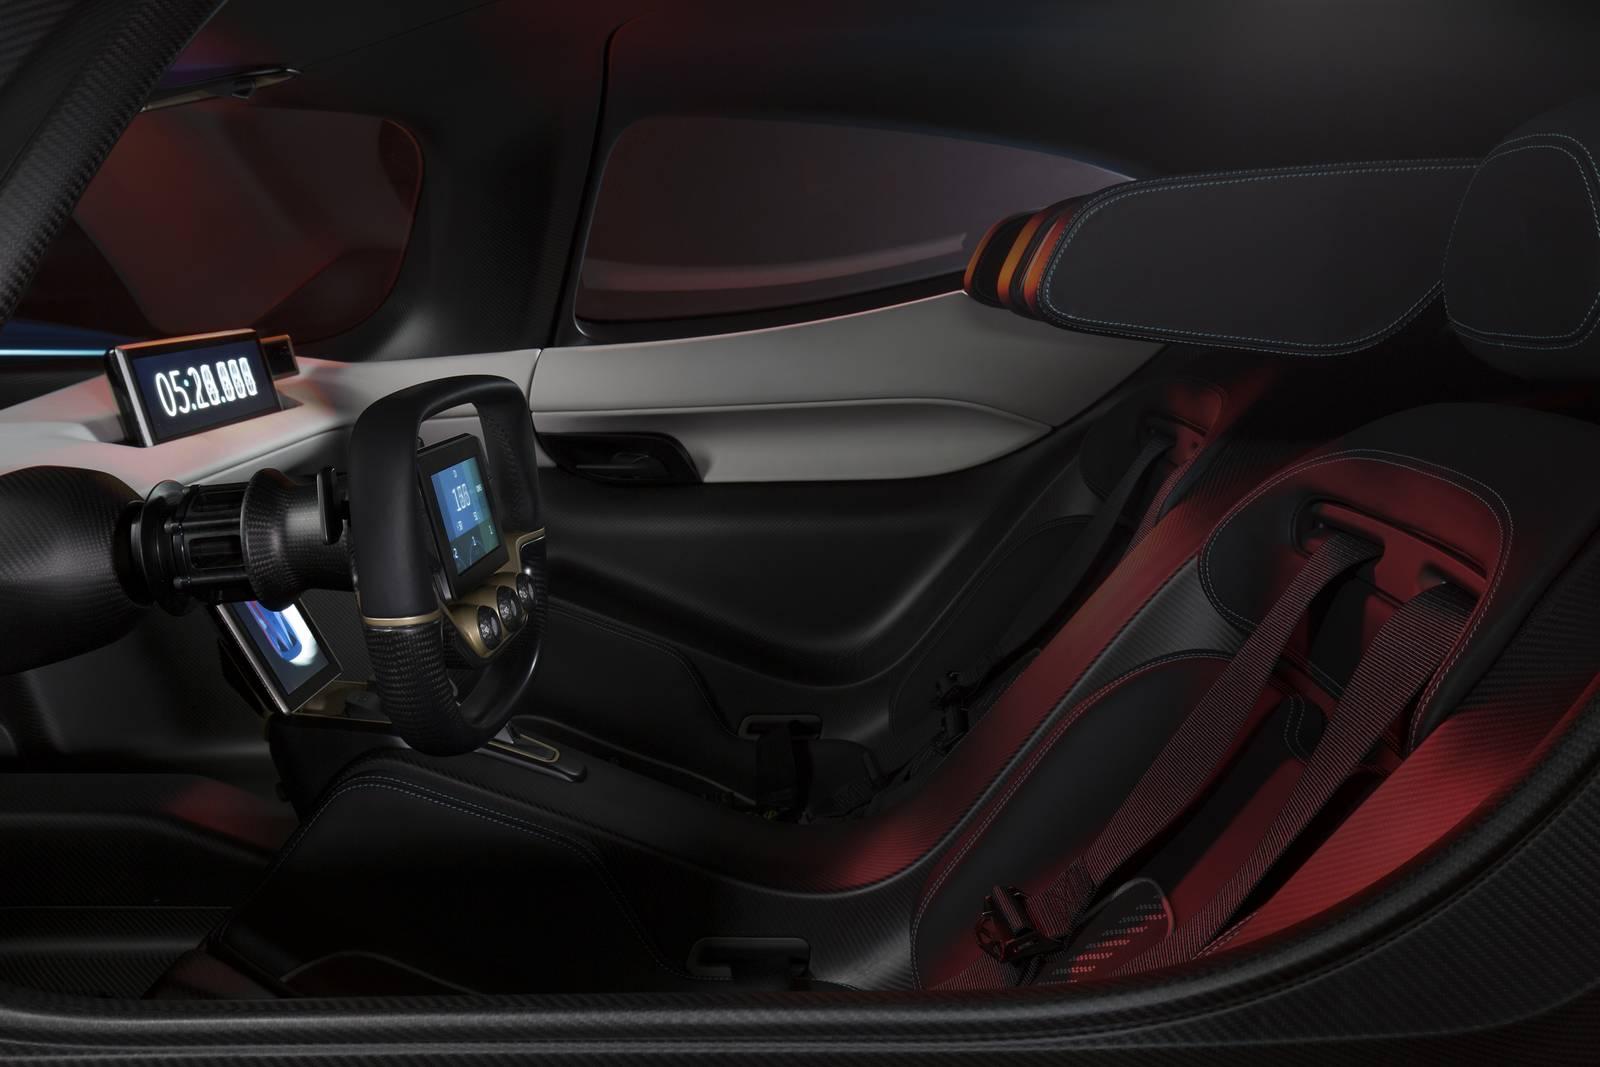 Электрмобиль NIO EP9 обладает полной мощностью в мегаватт, что эквивалентно 1,342 л.с.,и максимальной скоростью 313 км/ч.